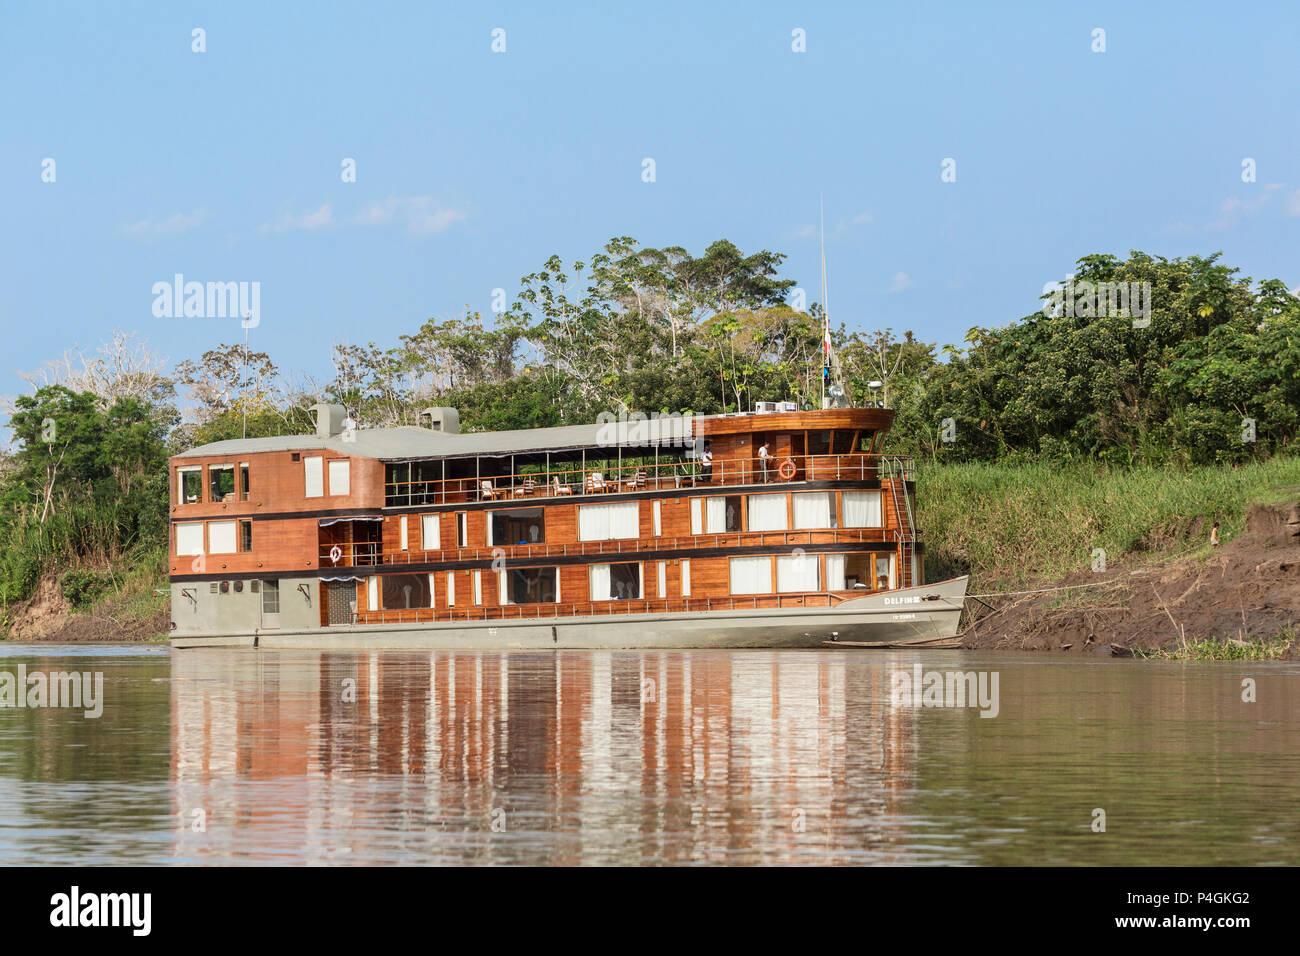 The expedition river boat Delfin II near Clavero Lake, Upper Amazon River Basin, Loreto, Peru - Stock Image